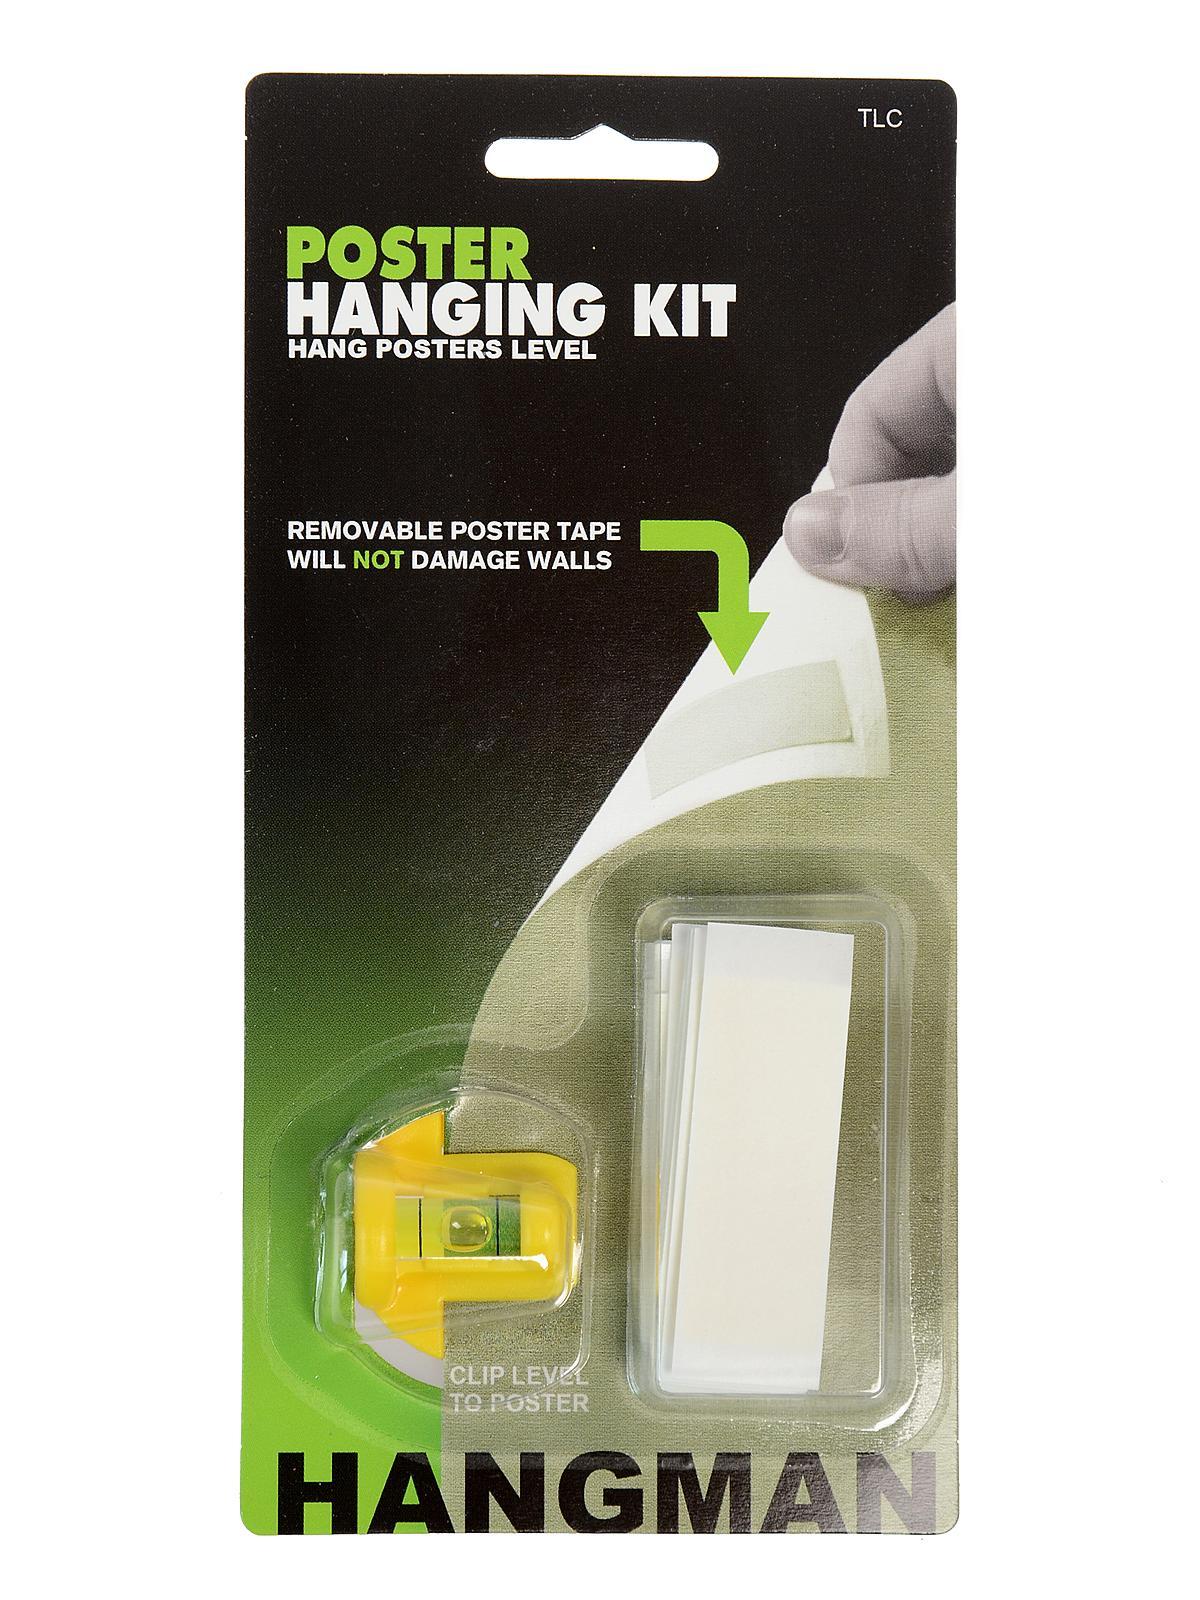 Hangman - Poster Hanging Kit